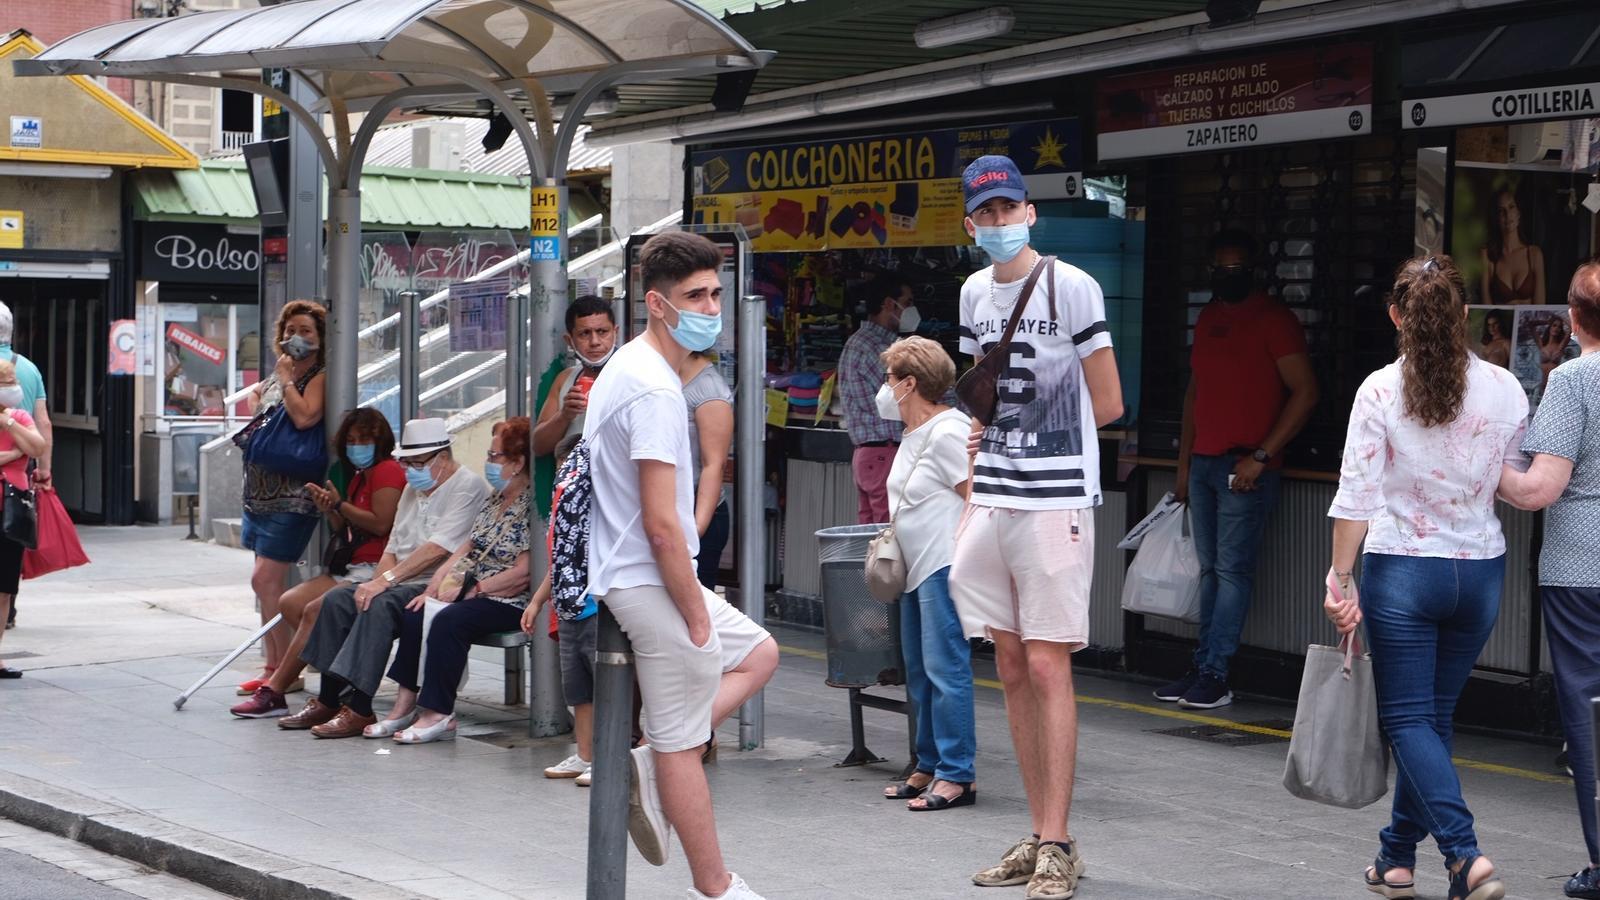 Dos joves amb mascareta al barri de Collbanc de l'Hospitalet de Llobregat